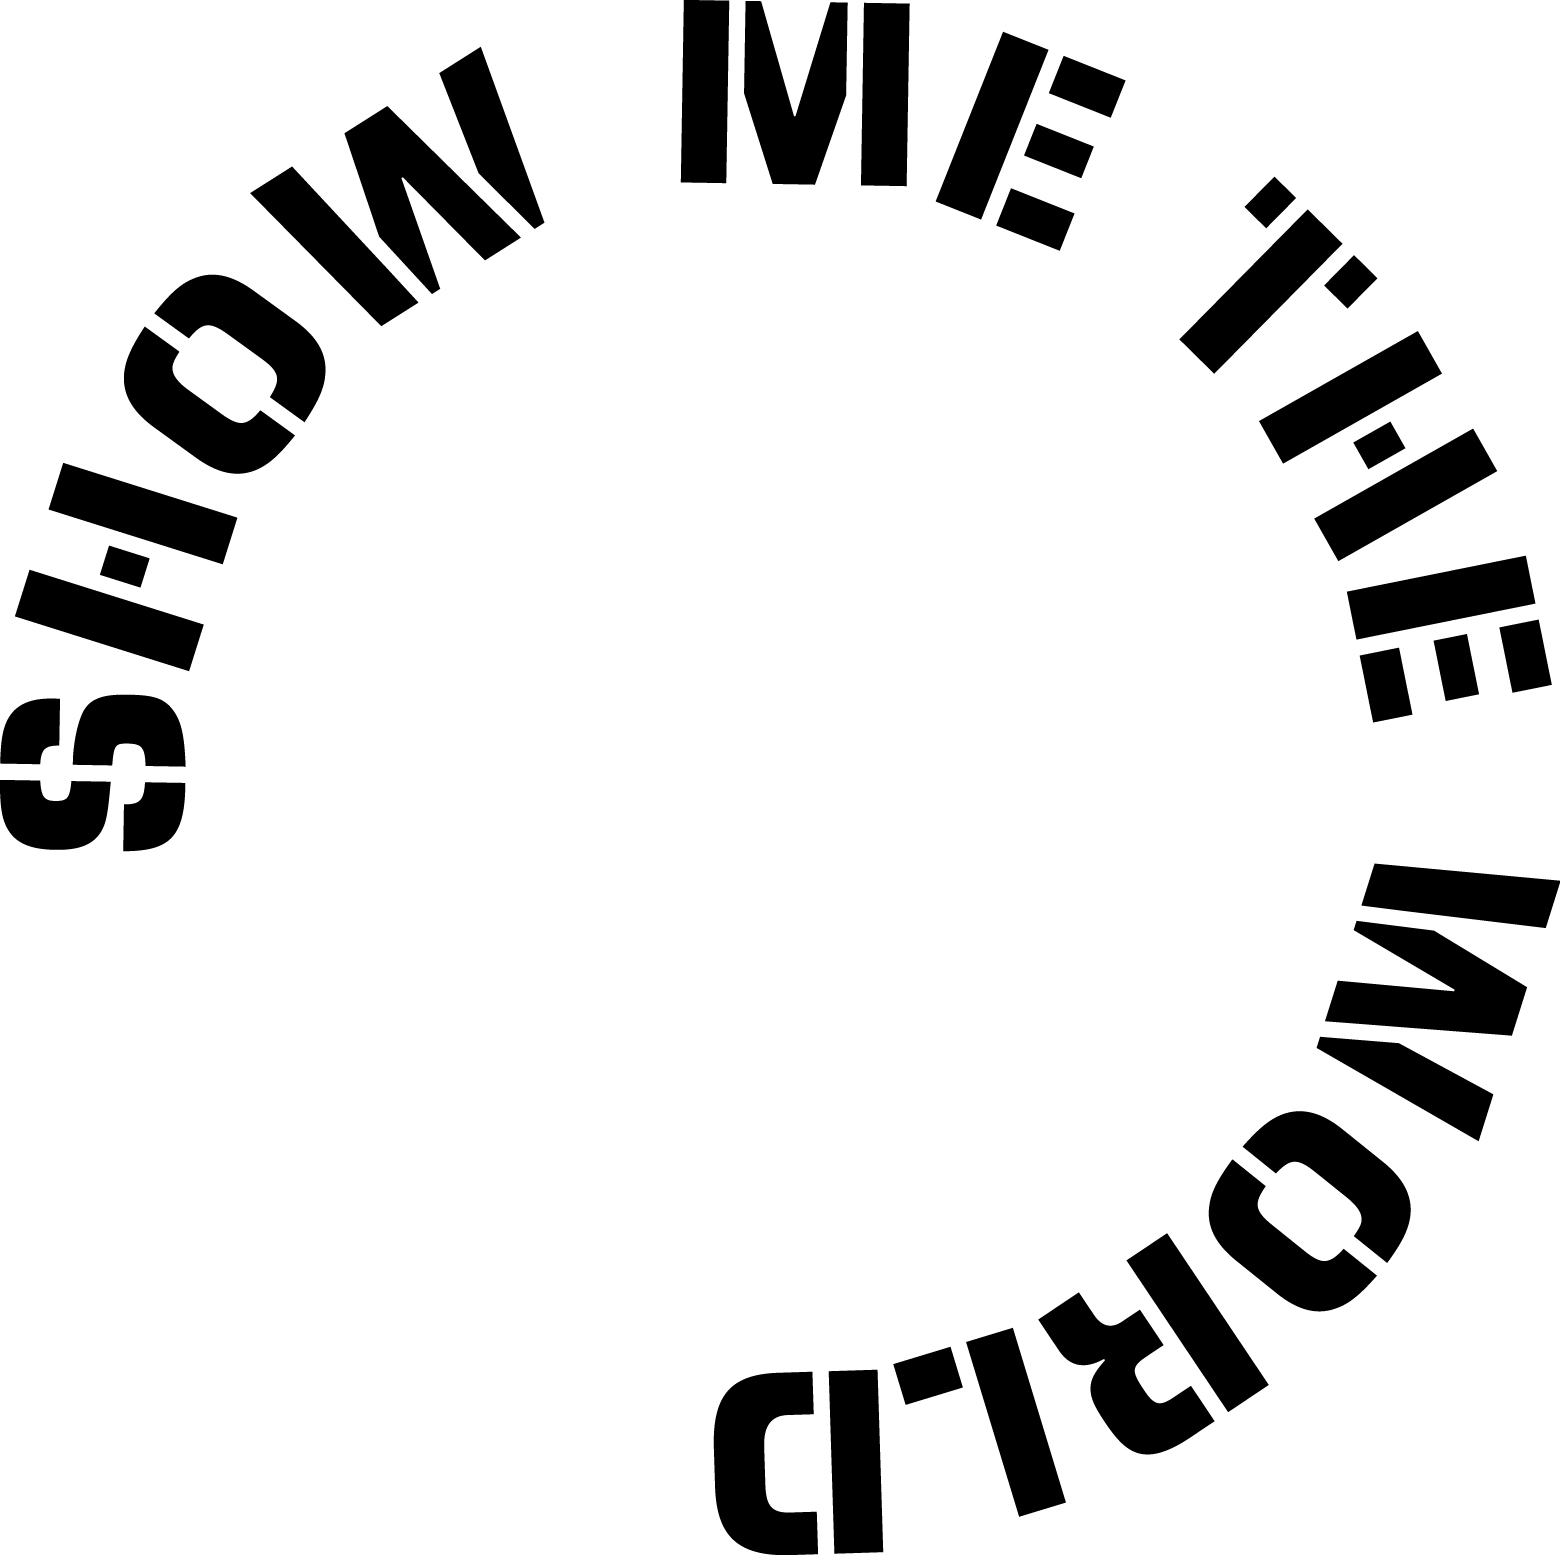 Show me the World: Dreitägiges Symposium zum Kuratieren in einer global vernetzten Welt